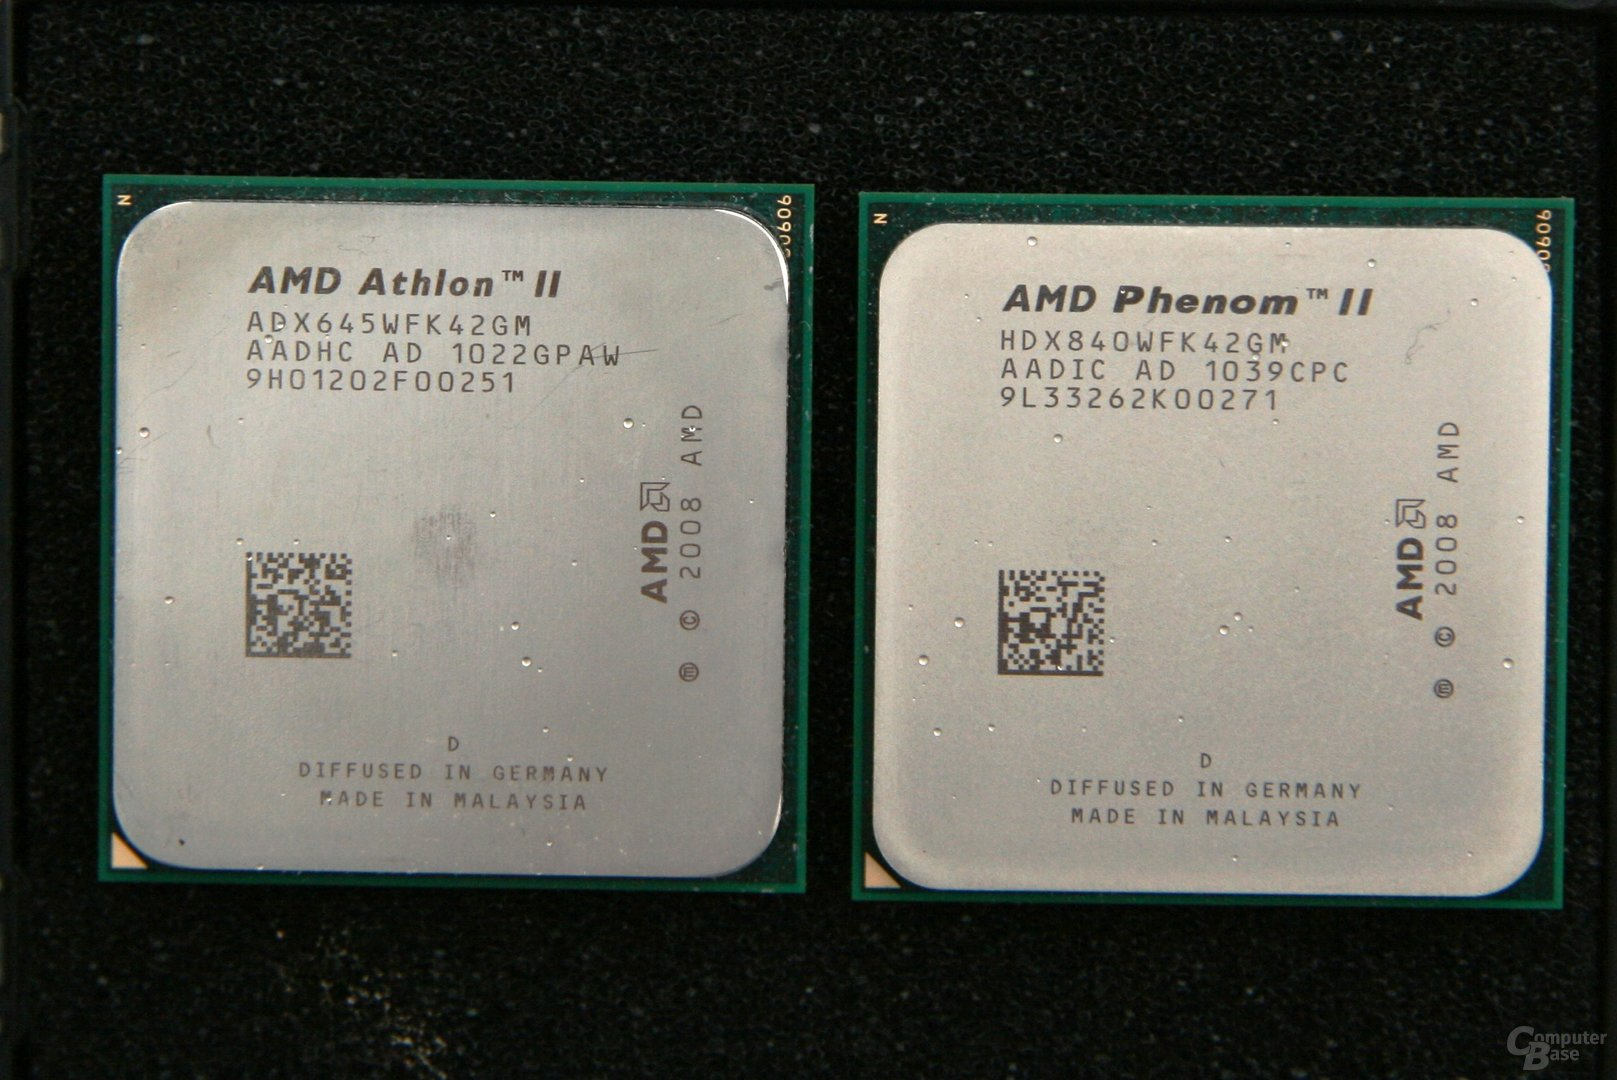 Athlon II X4 645 und Phenom II X4 840